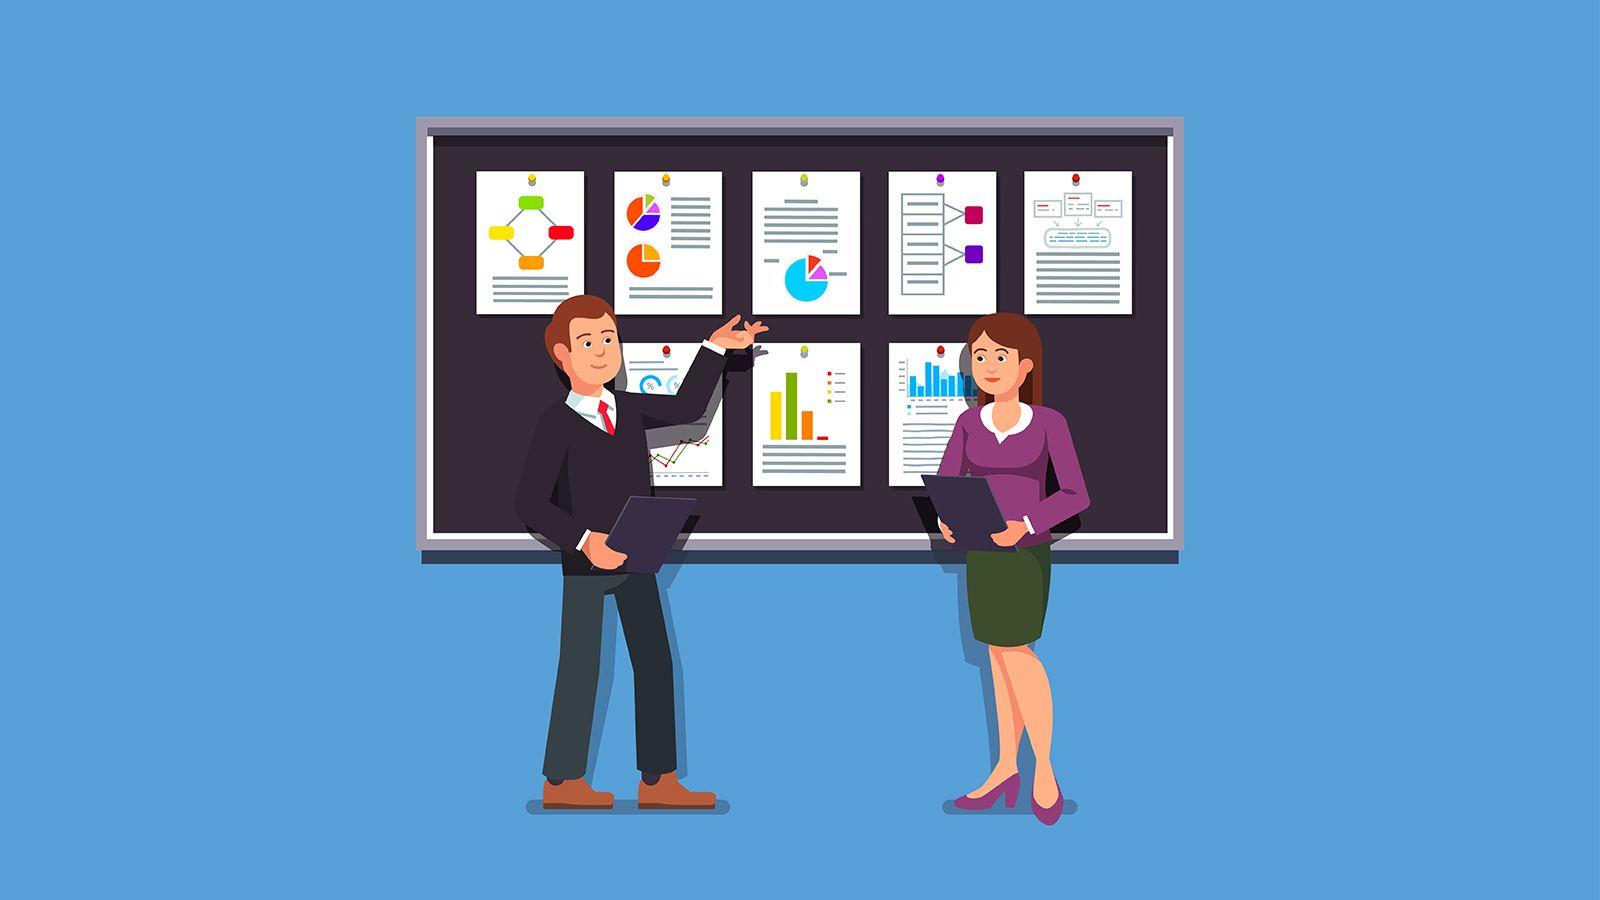 8 kinh nghiệm quản lý dự án hiệu quả dành cho doanh nghiệp